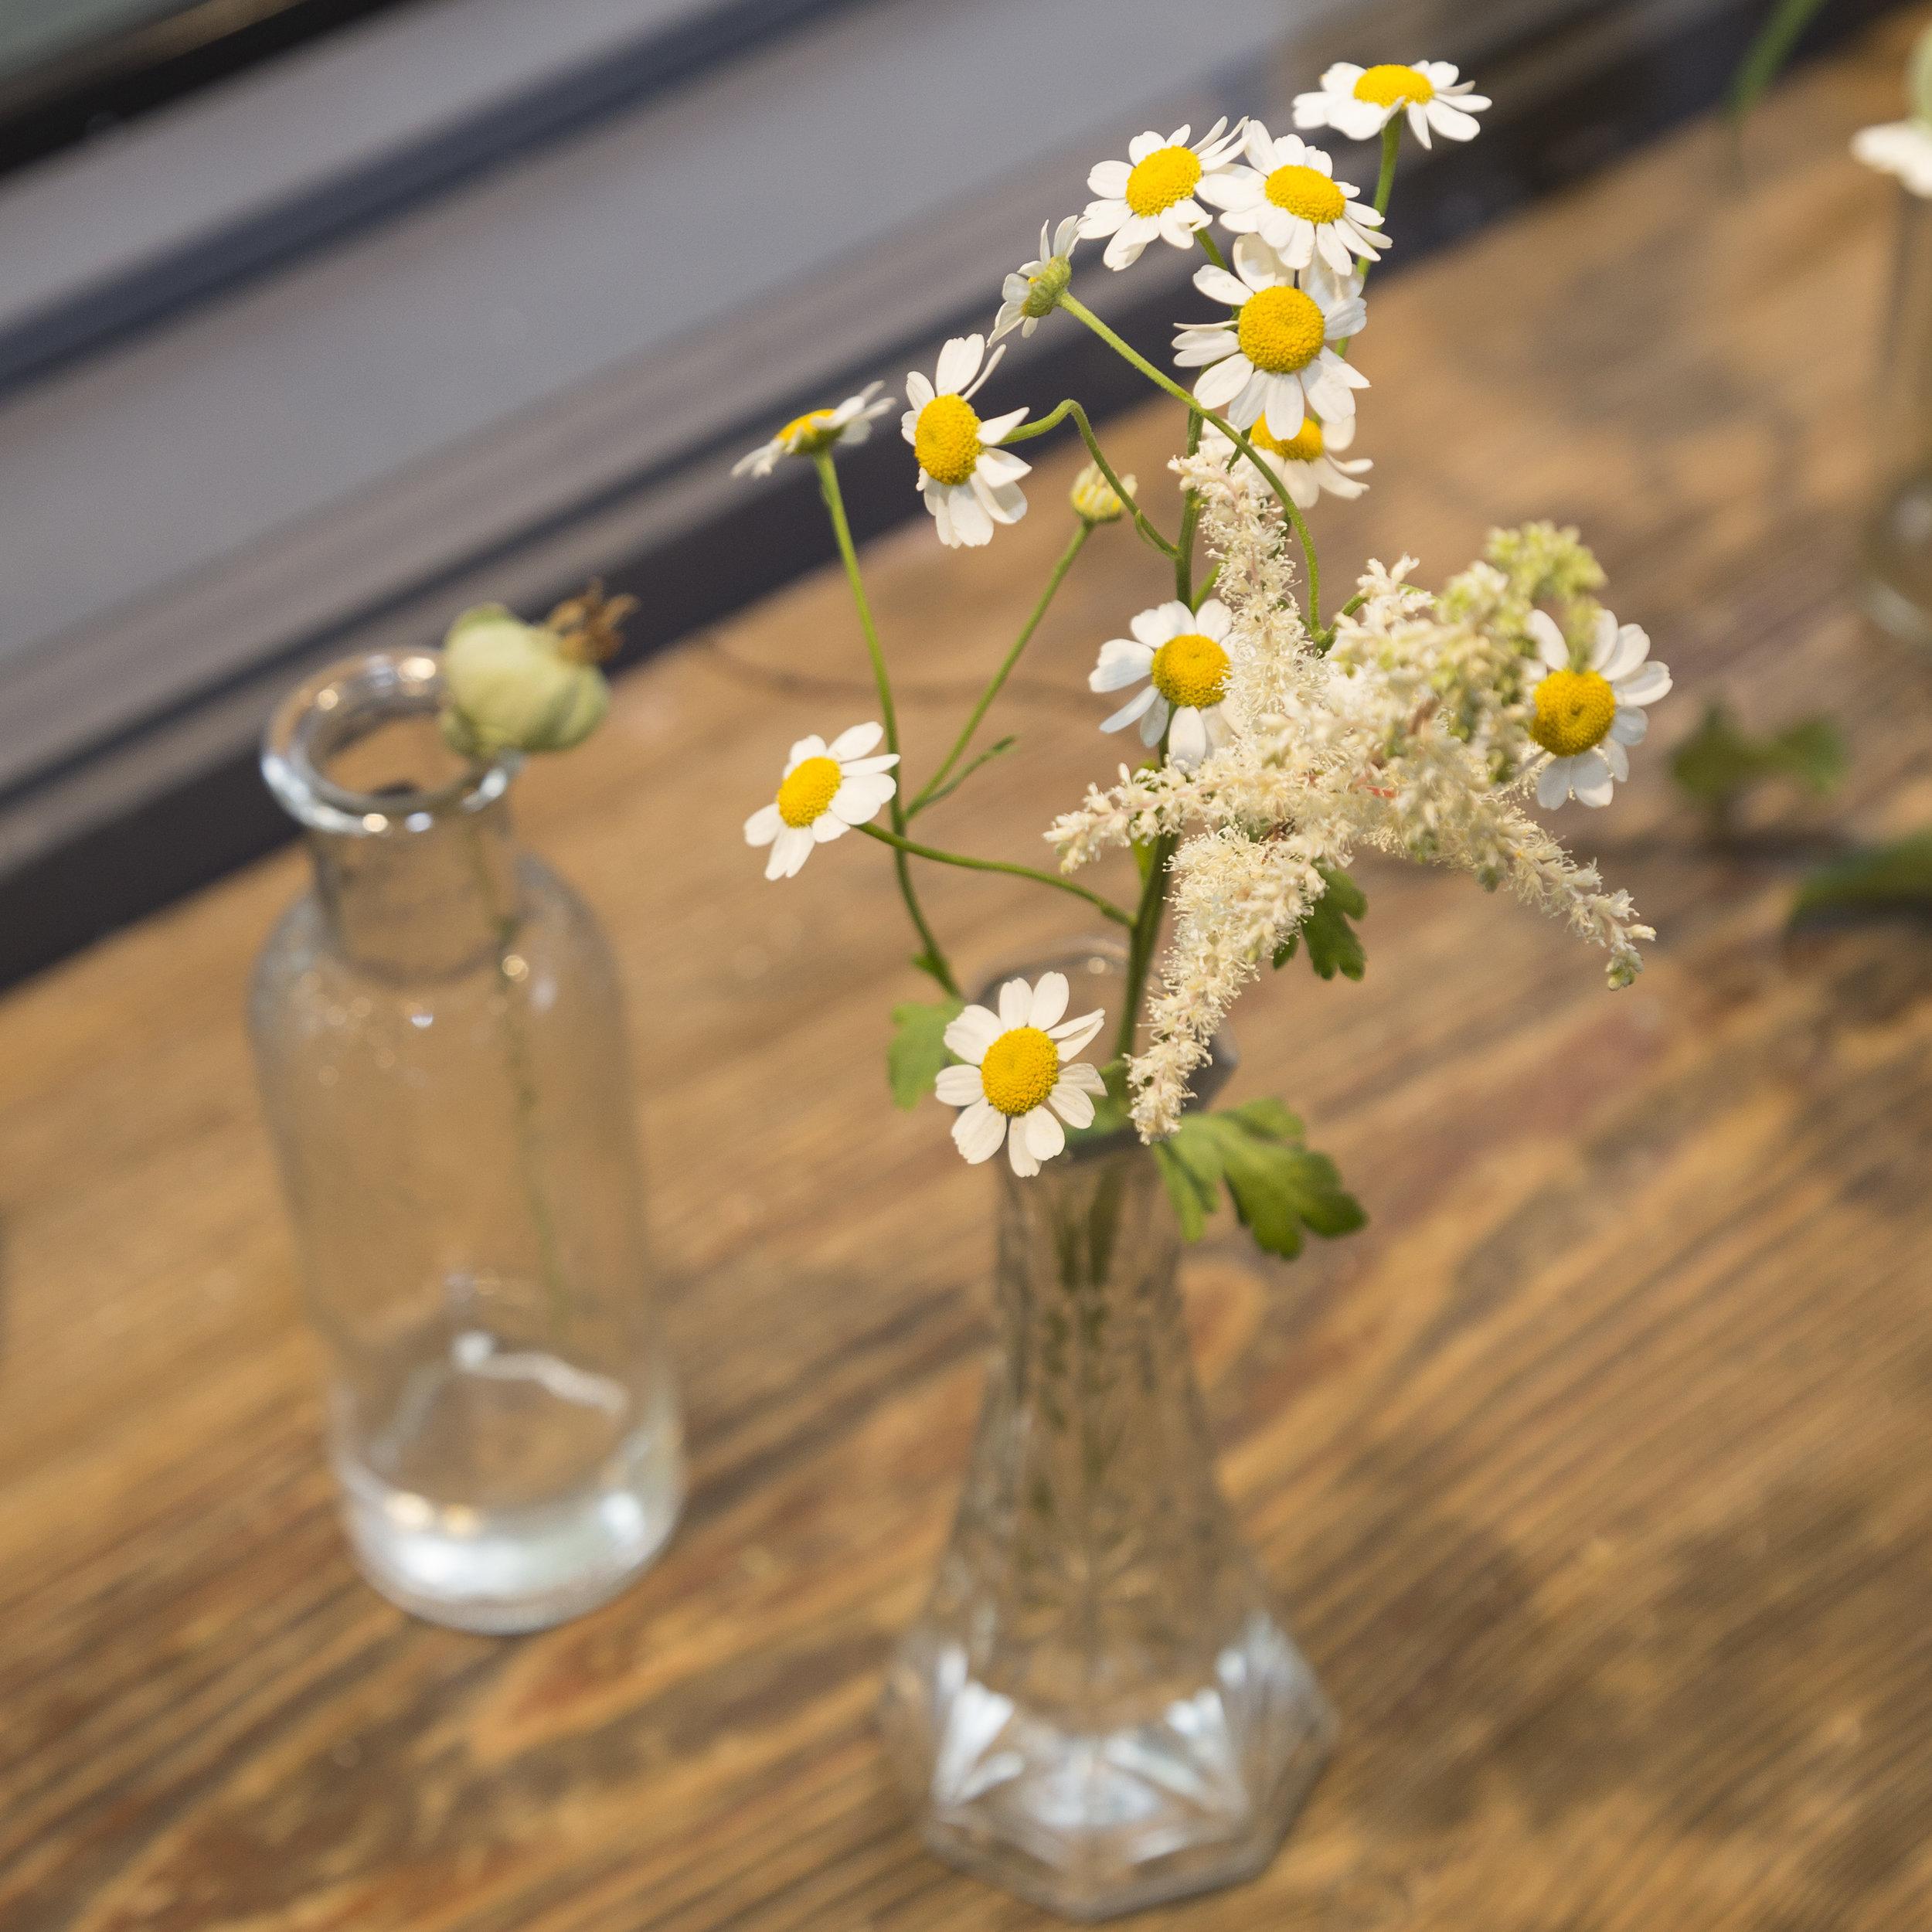 180429_Flower-45.jpg